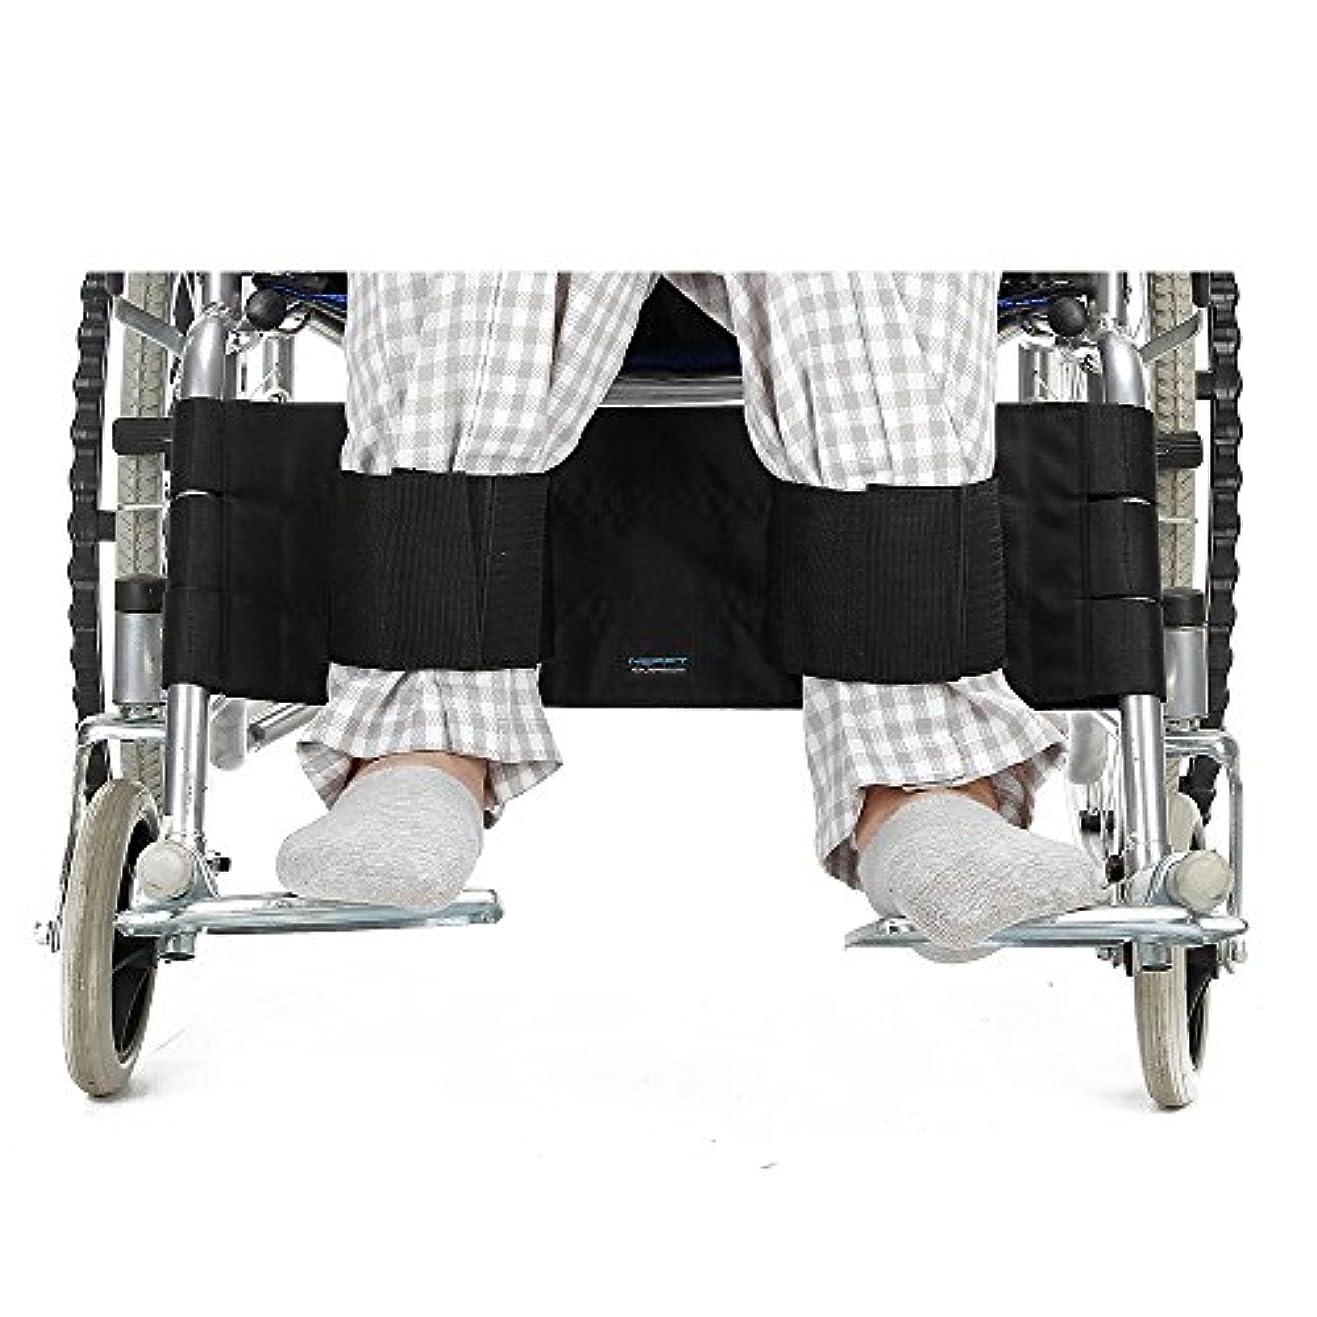 ジャングルずっとむしゃむしゃ車椅子フットレストレッグストラップシートベルト調節可能な安全フットサポートの拘束障害のある患者、高齢者および高齢者 (黒)